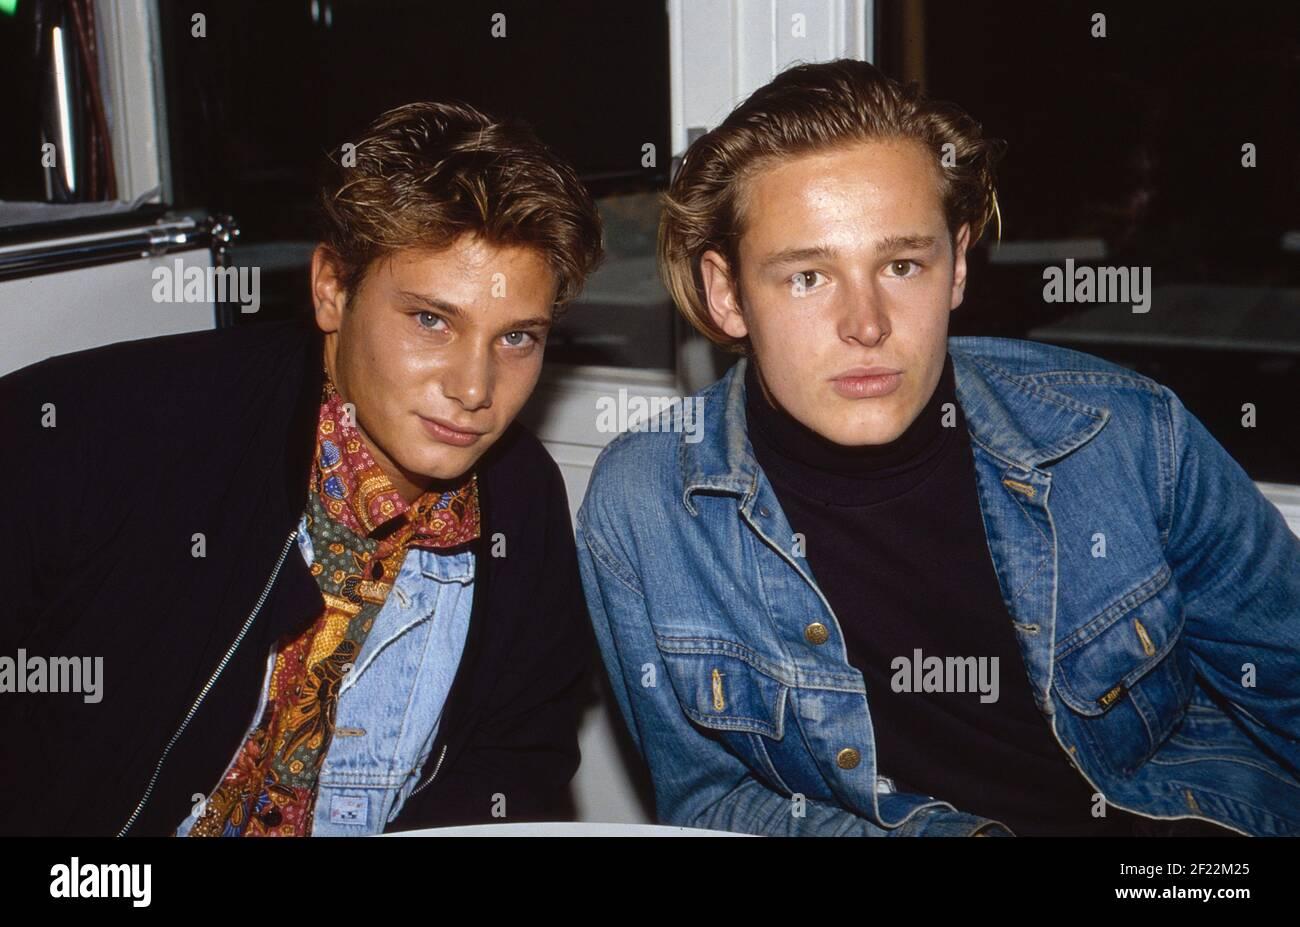 Prominenz auf der IFA in Berlin, Deutschland 1989, hier: Musiker Fabian Harloff und Schauspieler Hendrik Martz Banque D'Images